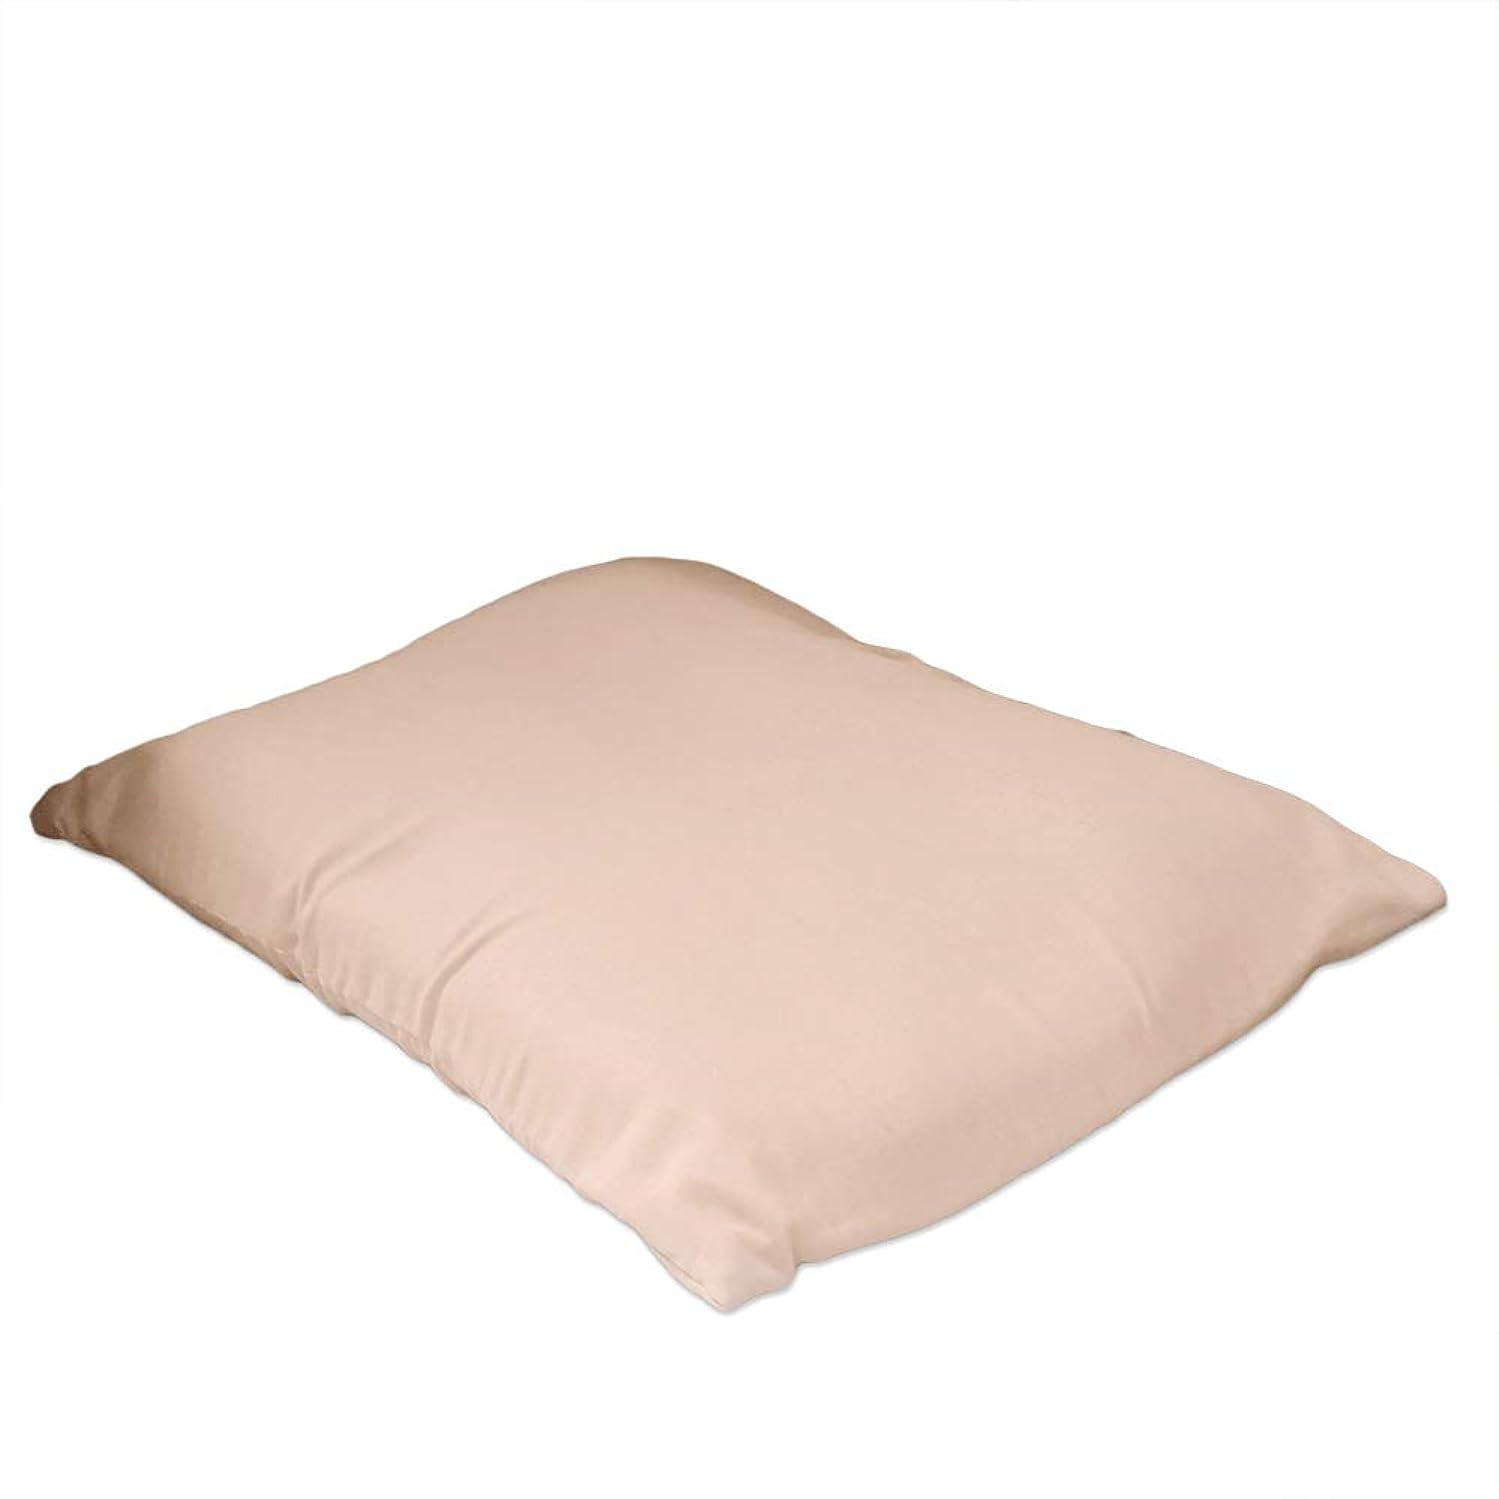 家具屈辱する余分な眠り姫 枕カバー ダブルガーゼ 43×63cm 和晒 無地 ピンク 日本製 ファスナー メール便対応商品